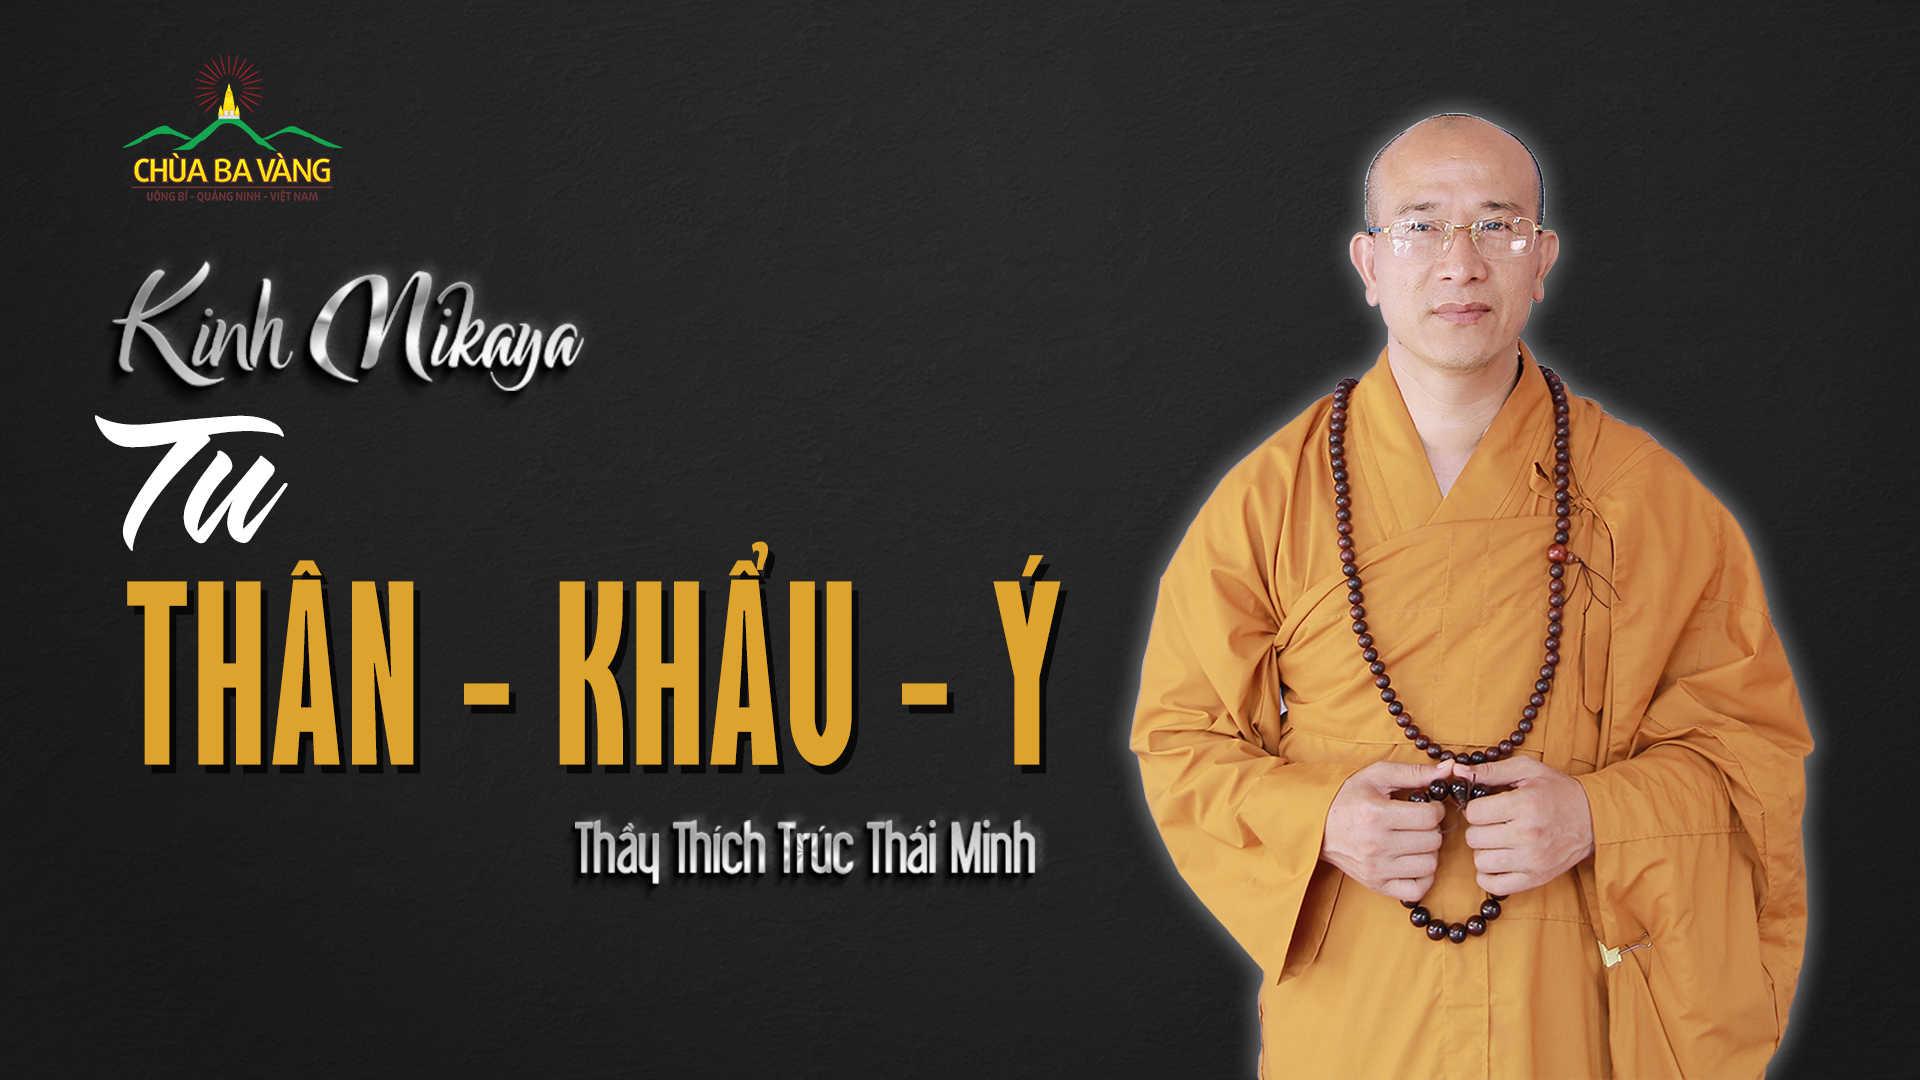 Tu thân, khẩu, ý giảng sư Thầy Thích Trúc Thái Minh chùa Ba Vàng.